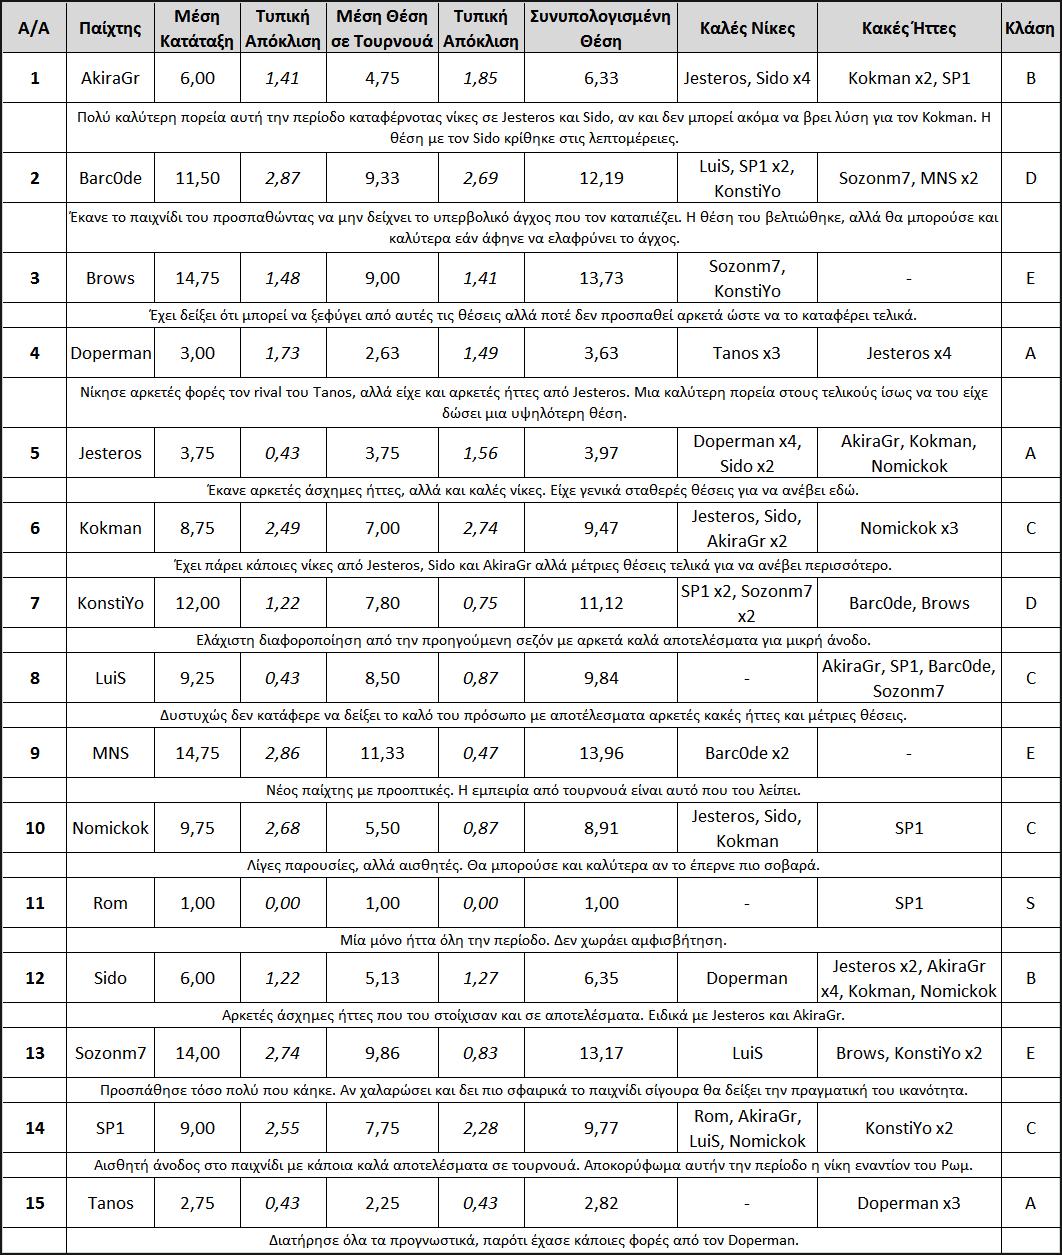 Ανάλυση Athens Power Ranking – Μάιος 2018